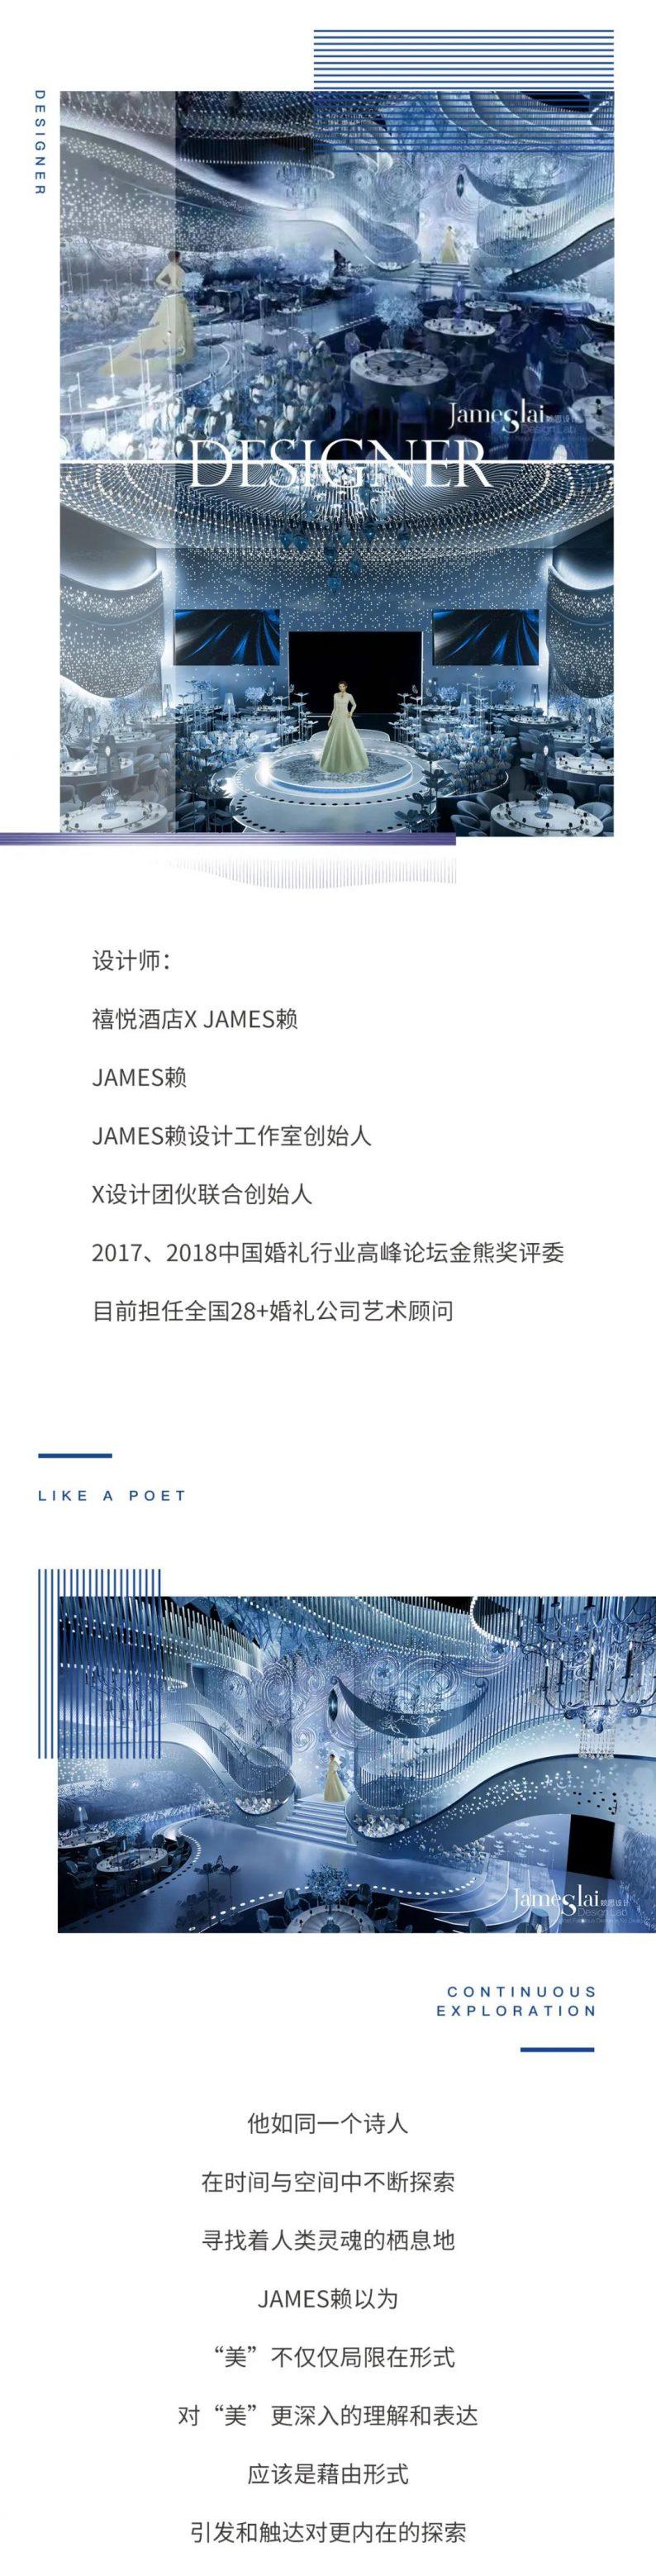 婚礼堂发布:James赖设计!2022禧悦酒店全新主题即将绽放  第4张